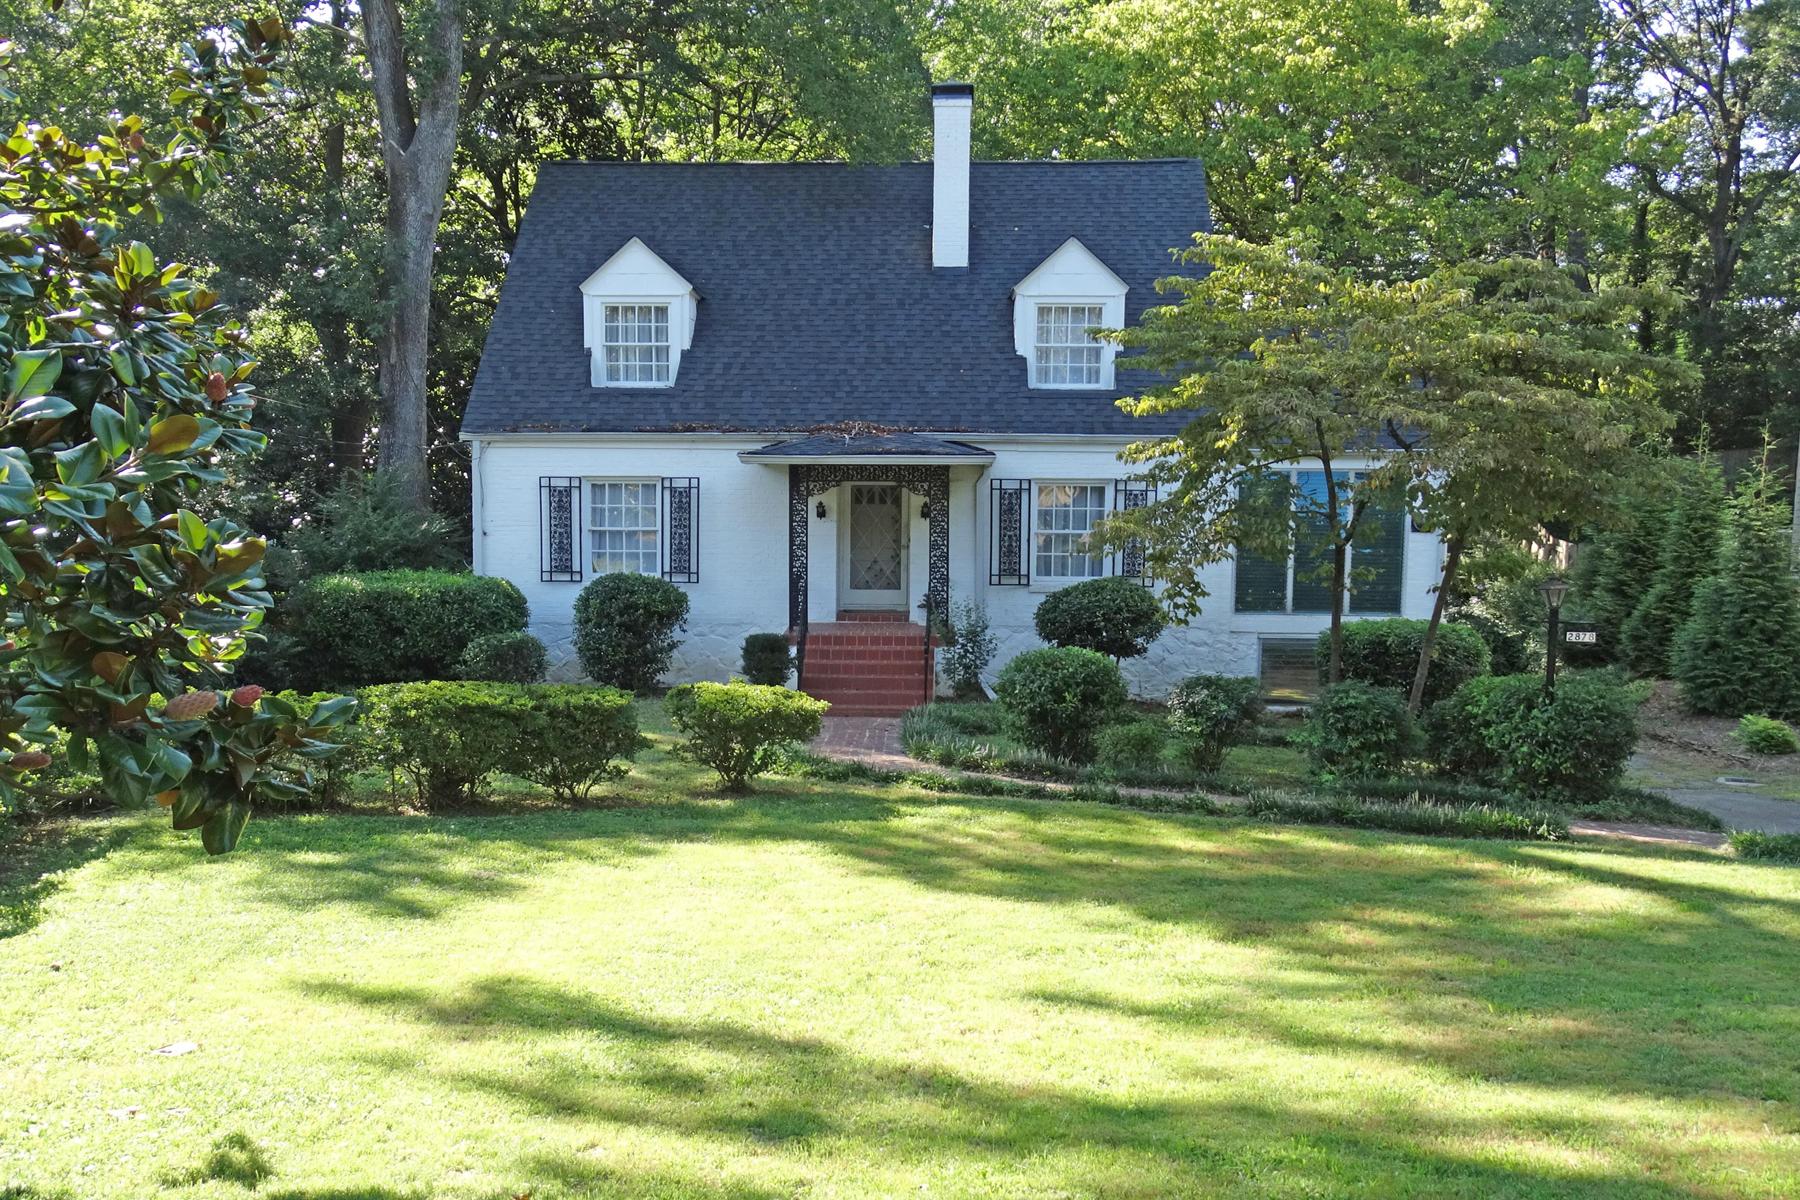 Частный односемейный дом для того Аренда на Sweet 1940's Garden Hills Cape Cod 2878 N Hills Drive NE Atlanta, Джорджия 30305 Соединенные Штаты